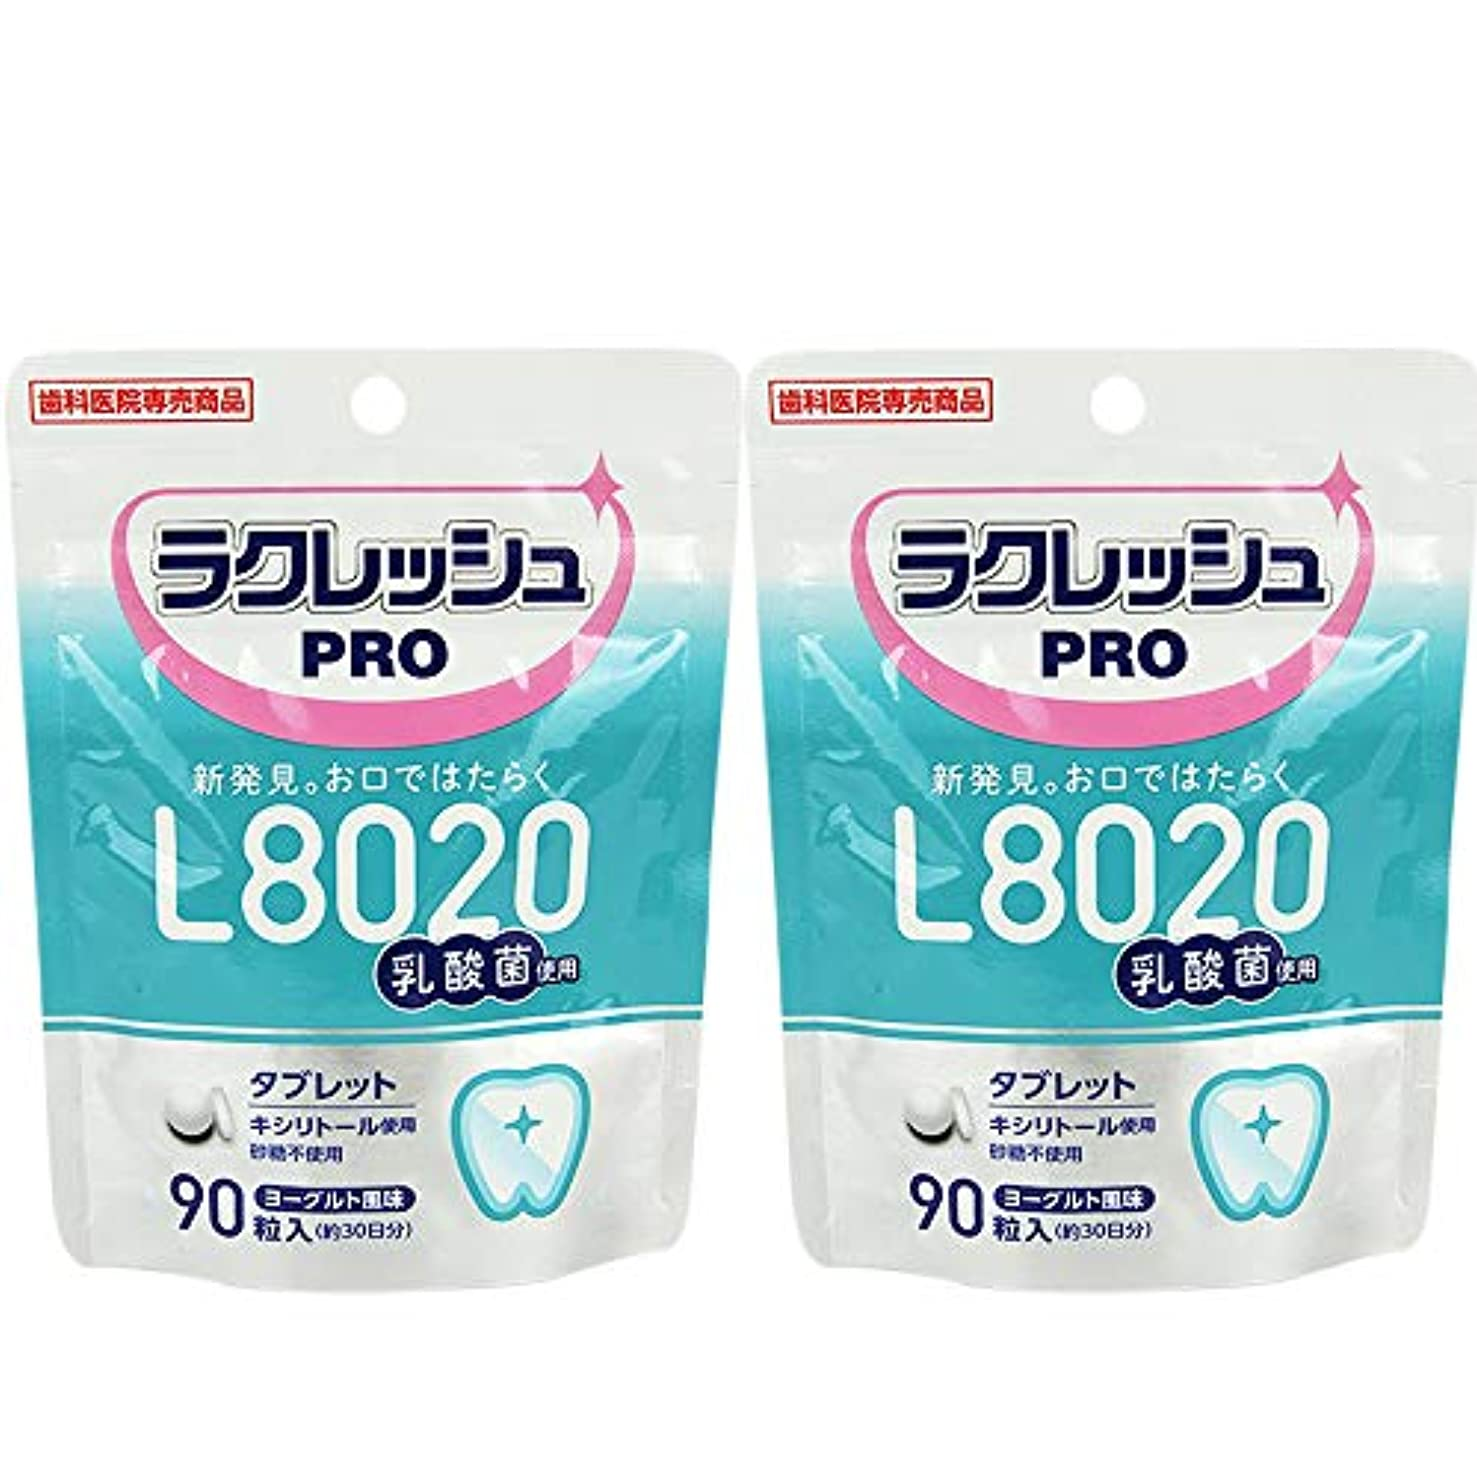 ビジュアルインチカウンタL8020 乳酸菌 ラクレッシュ PRO タブレット 90粒 × 2個 歯科専売品